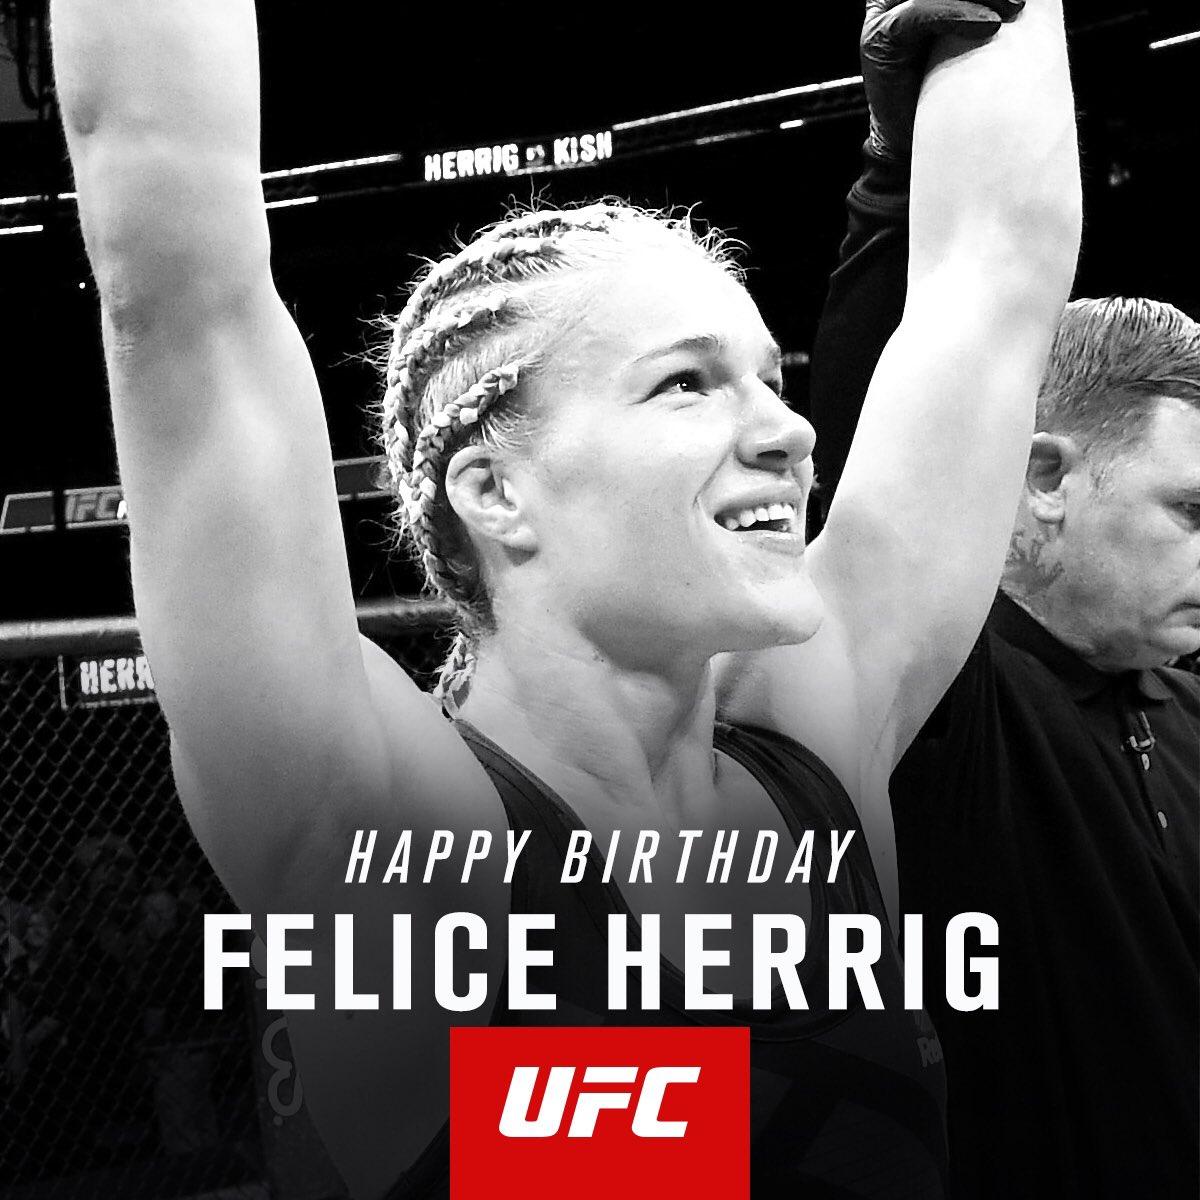 Happy Birthday to @FeliceHerrig! #UFC218 https://t.co/nBXLbWlC1k